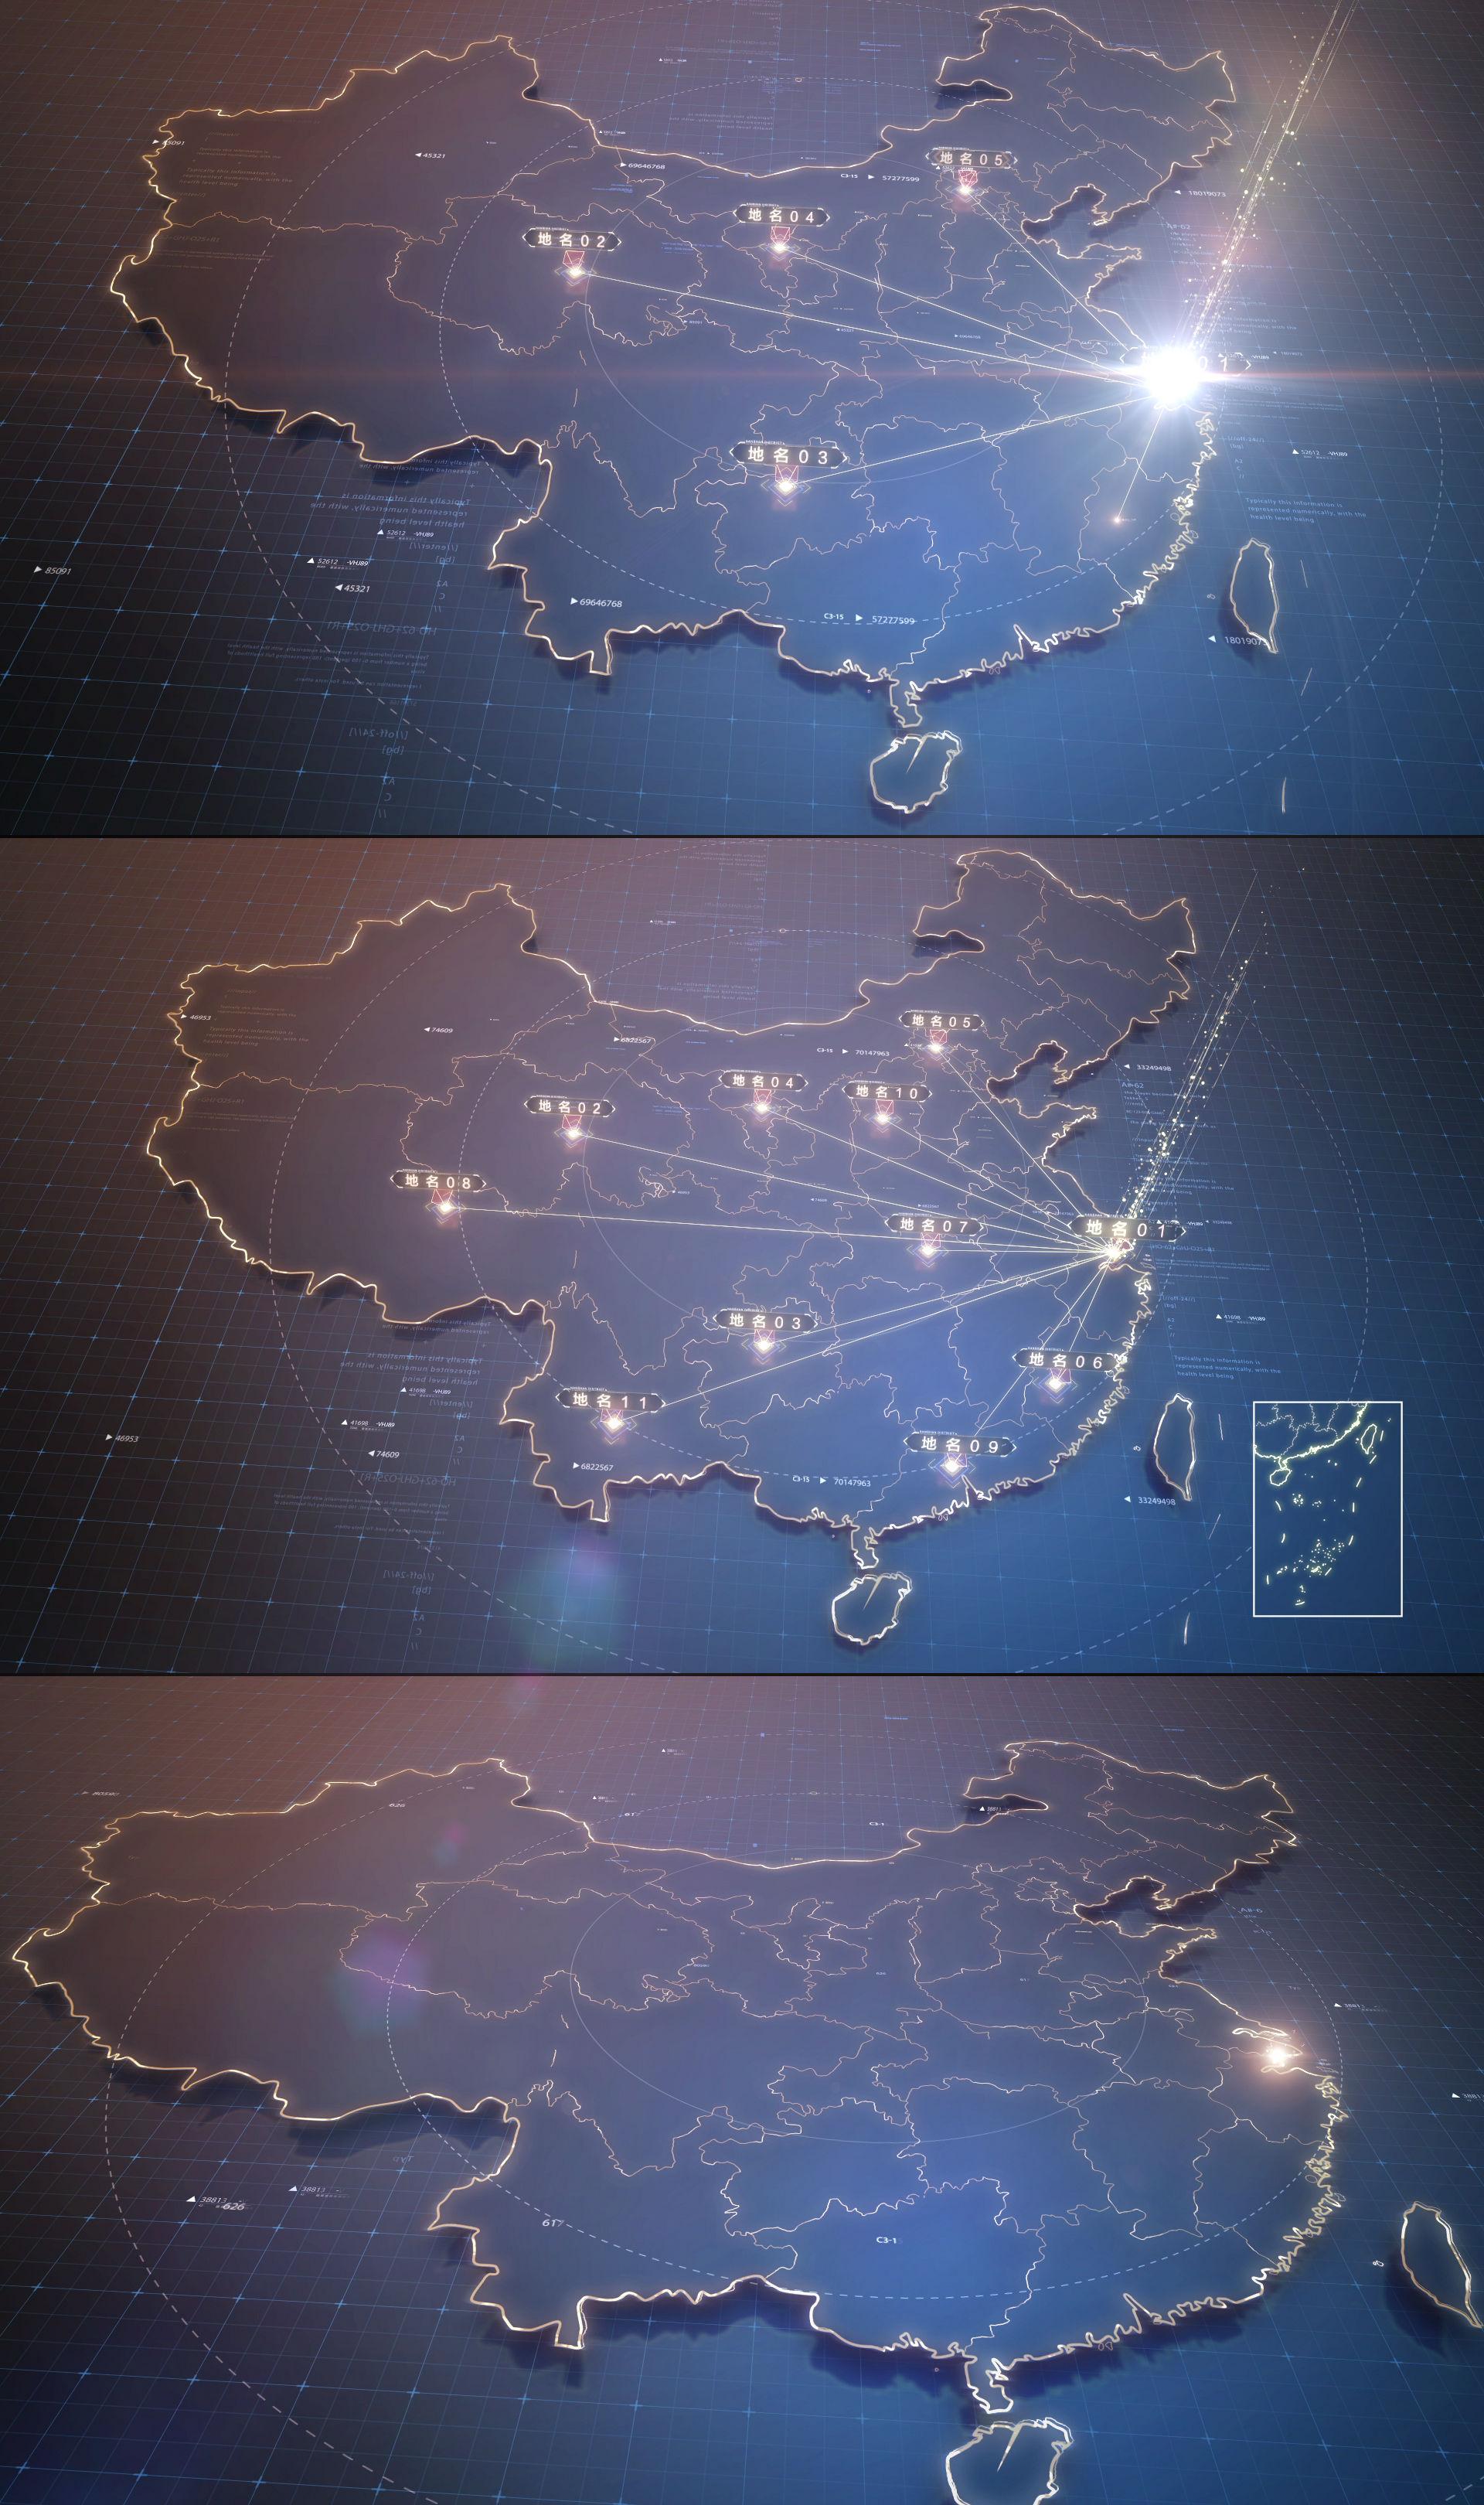 科技感中国地图辐射展示